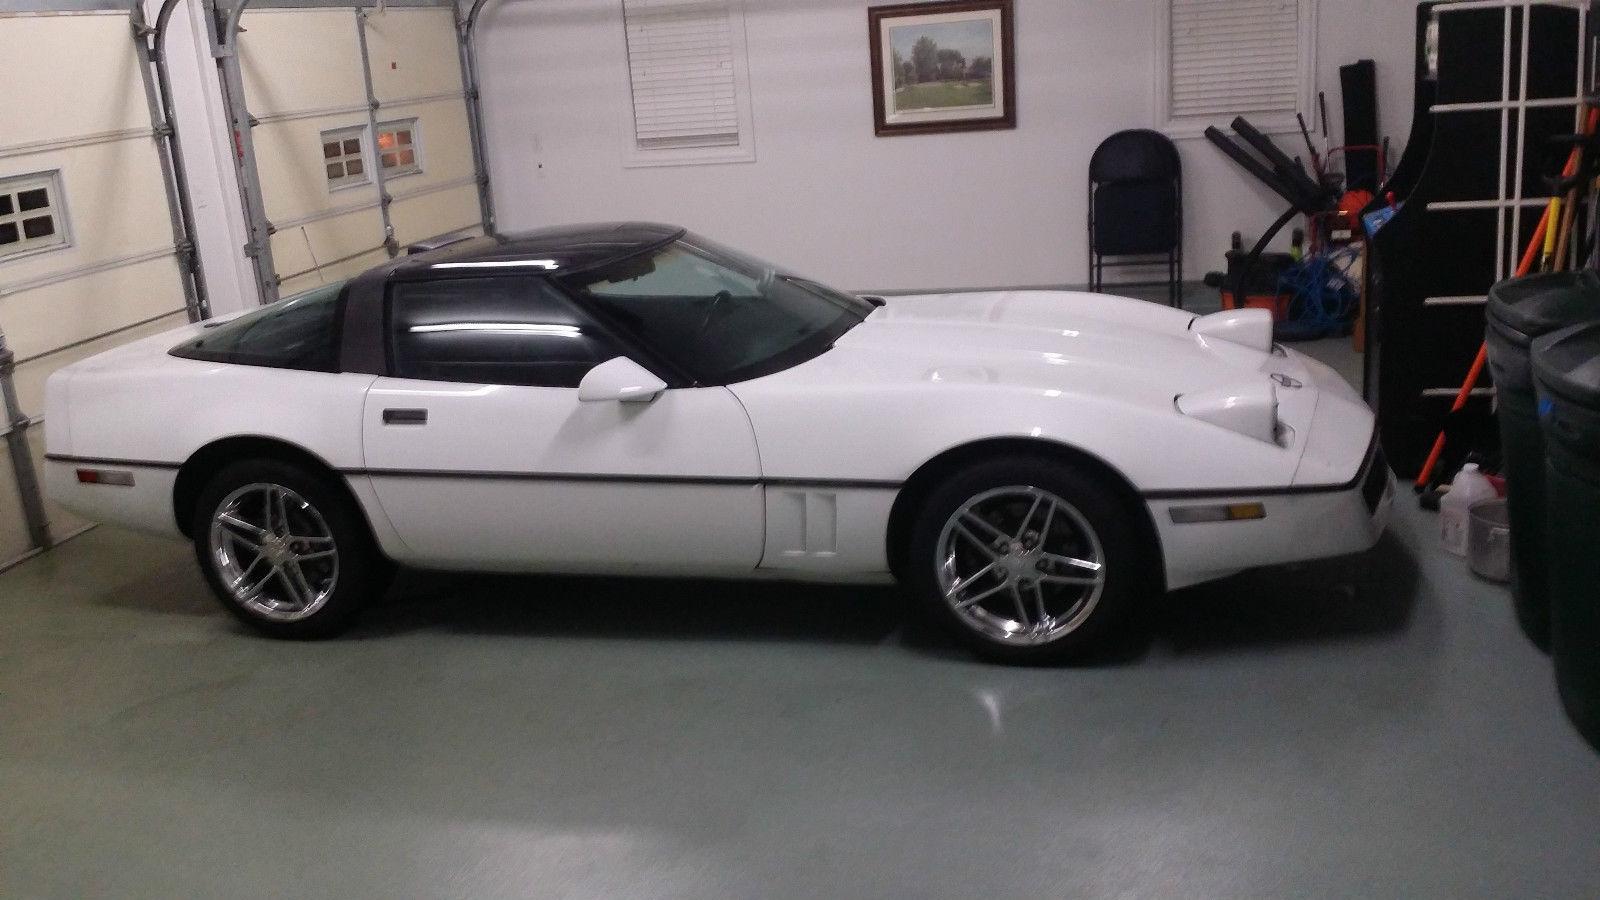 1990 1989 1991 Chevrolet Corvette White targa top black